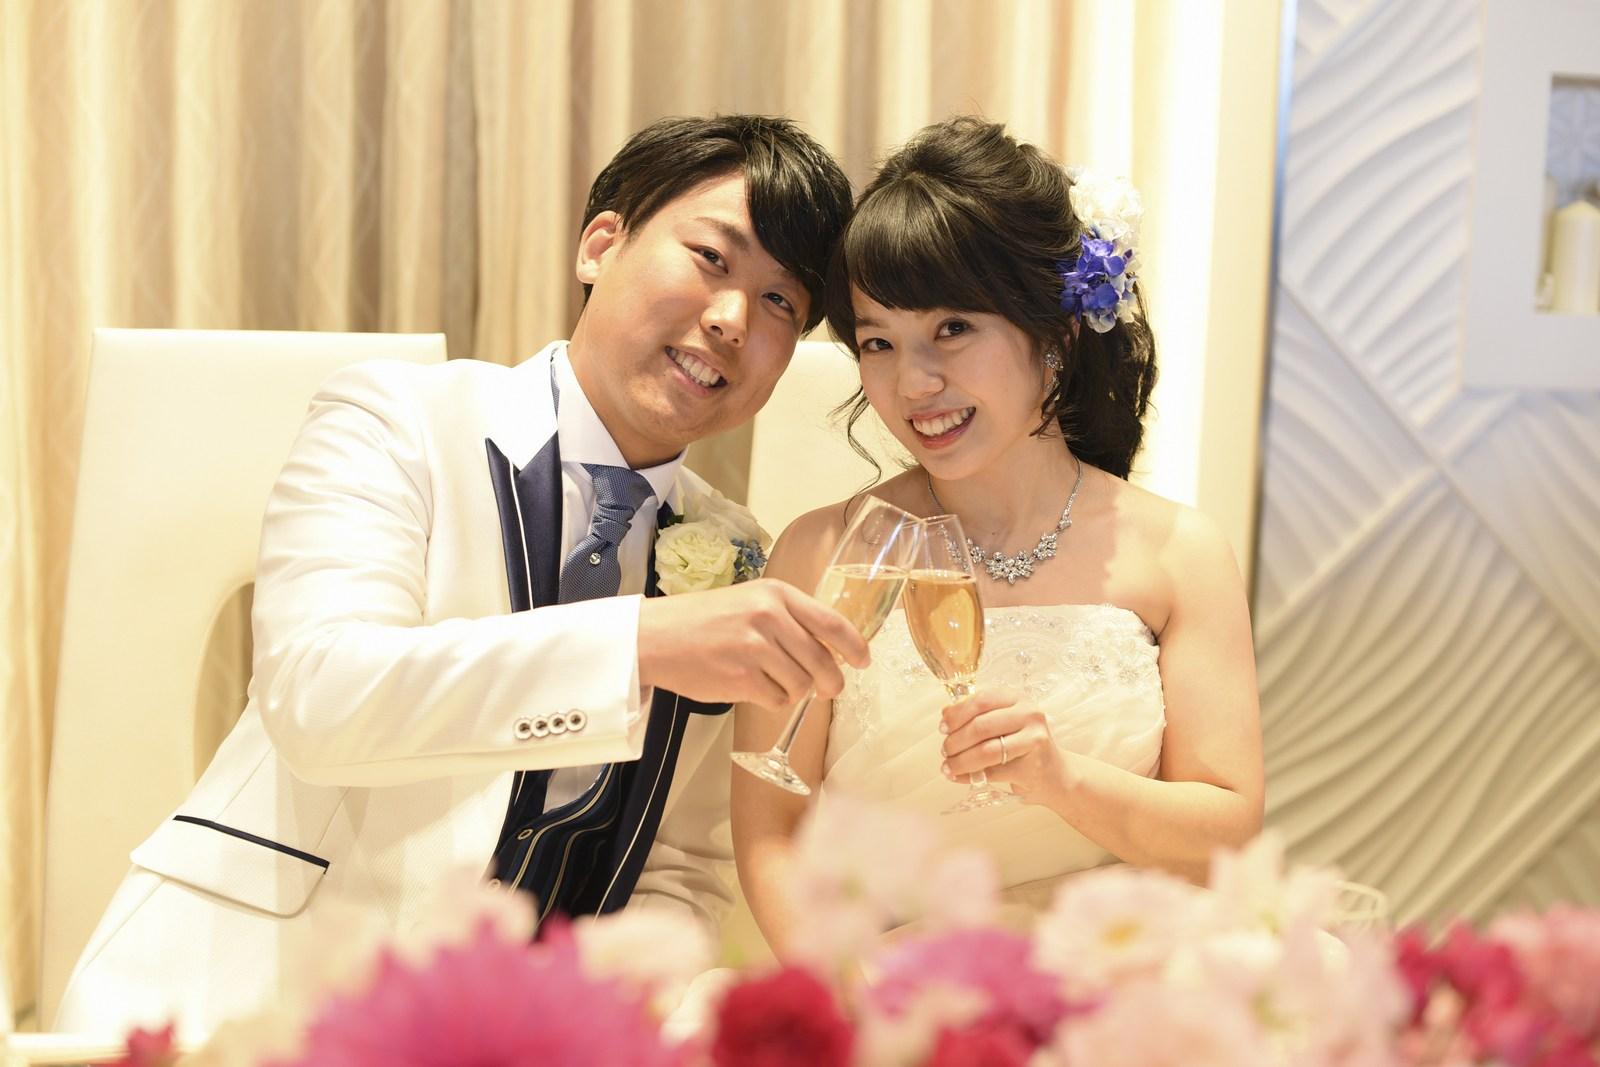 徳島市の結婚式場ブランアンジュのメインテーブルでの乾杯ショット